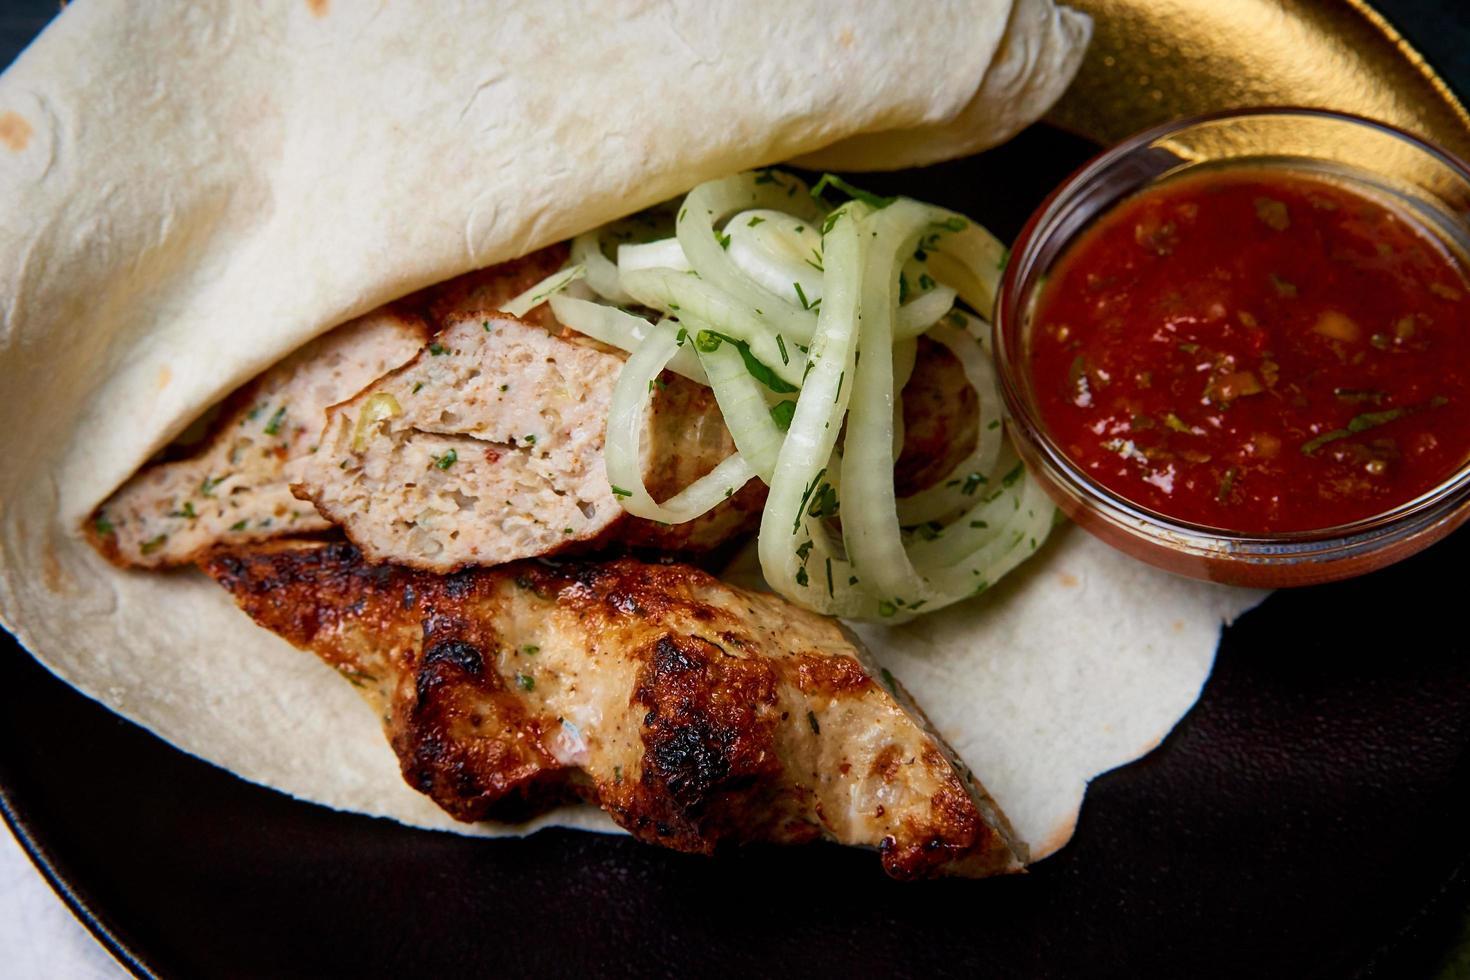 viande cuite au four dans du pain pita photo